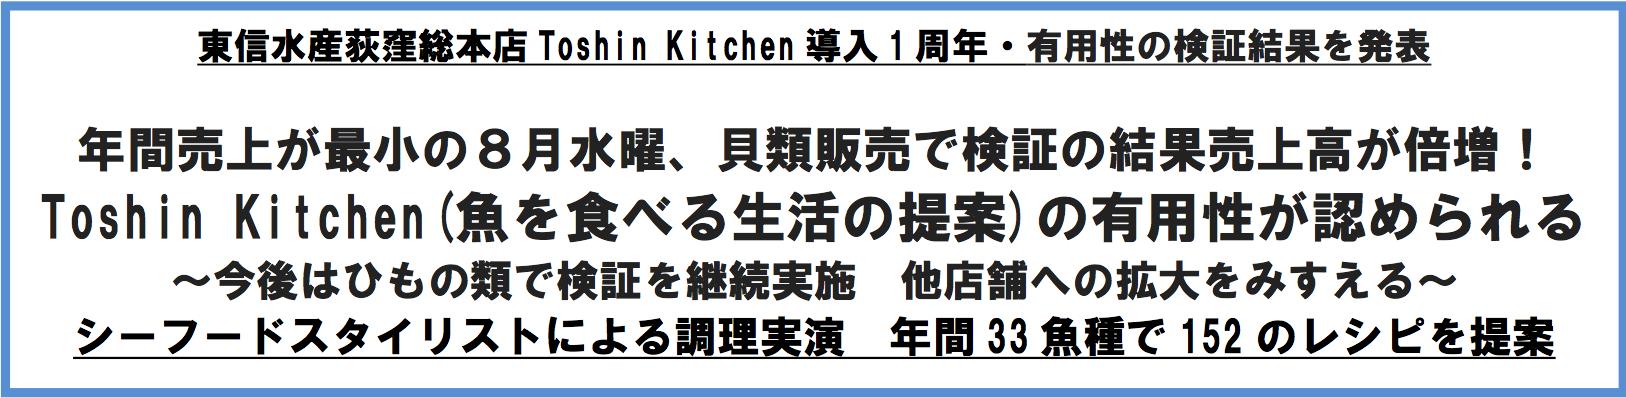 Toshin Kitchen(魚を食べる生活の提案)の有用性が認められる